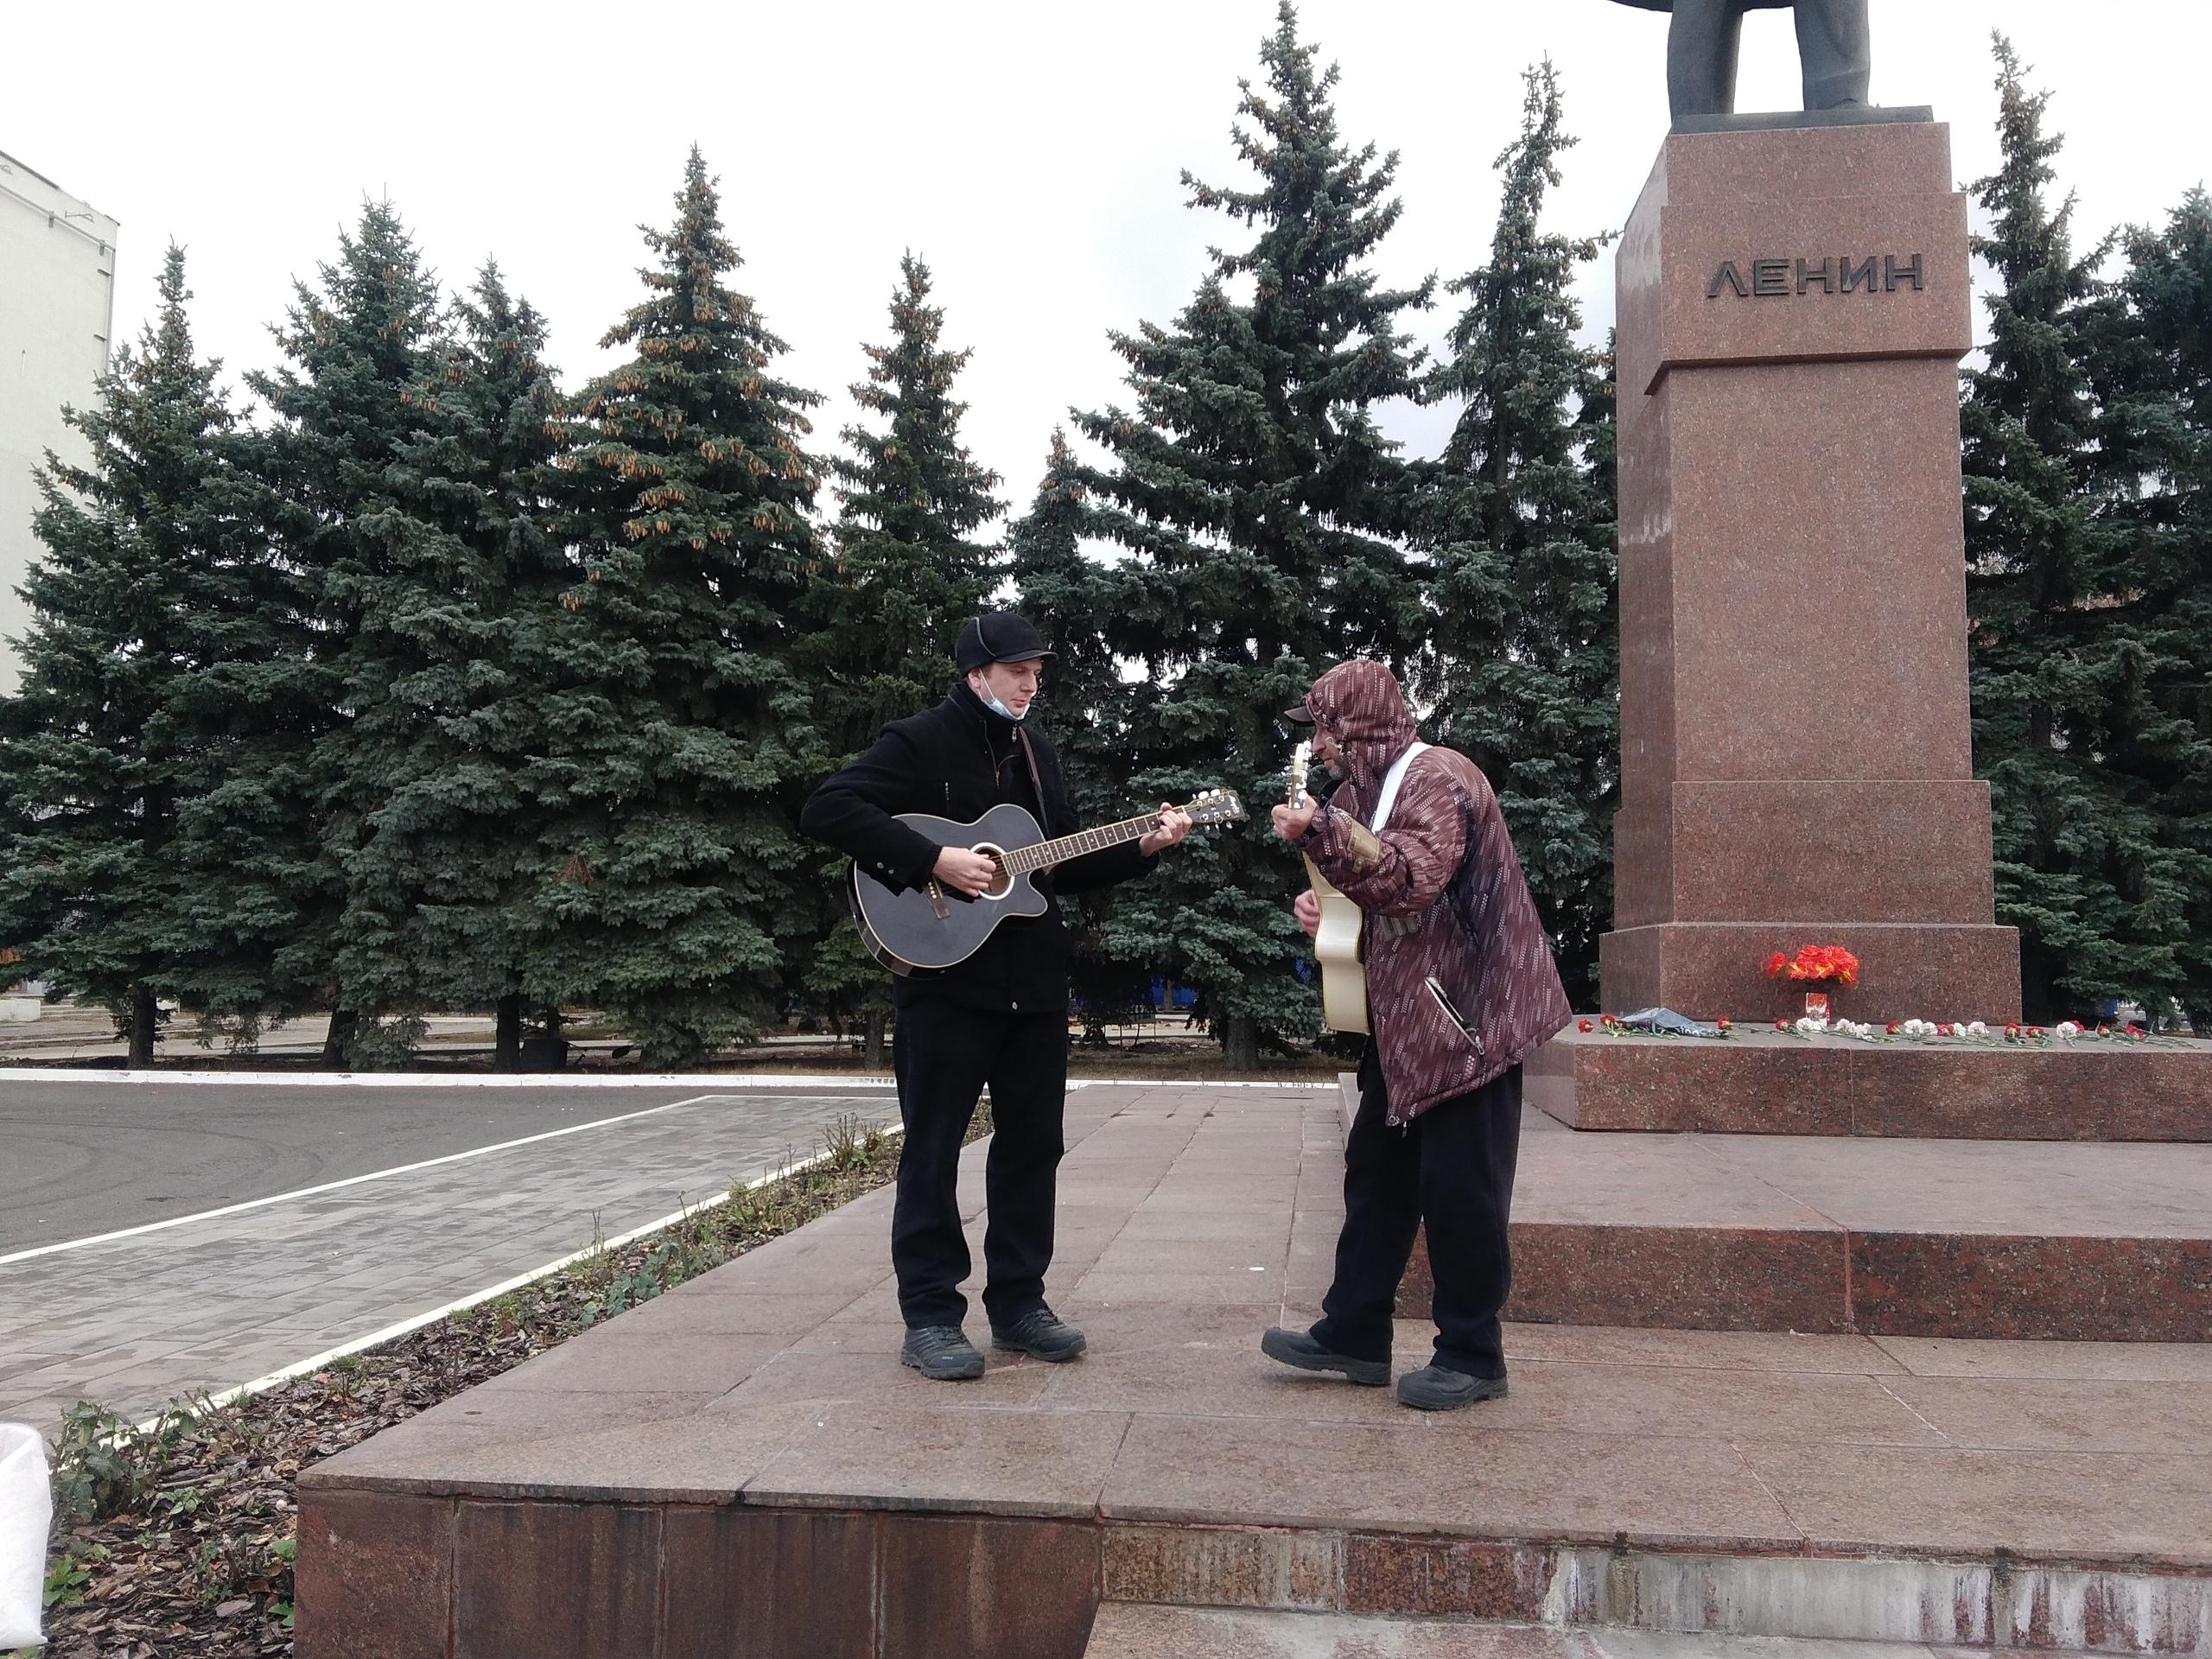 Автопробег с красными флагами в Сызрани 7 ноября